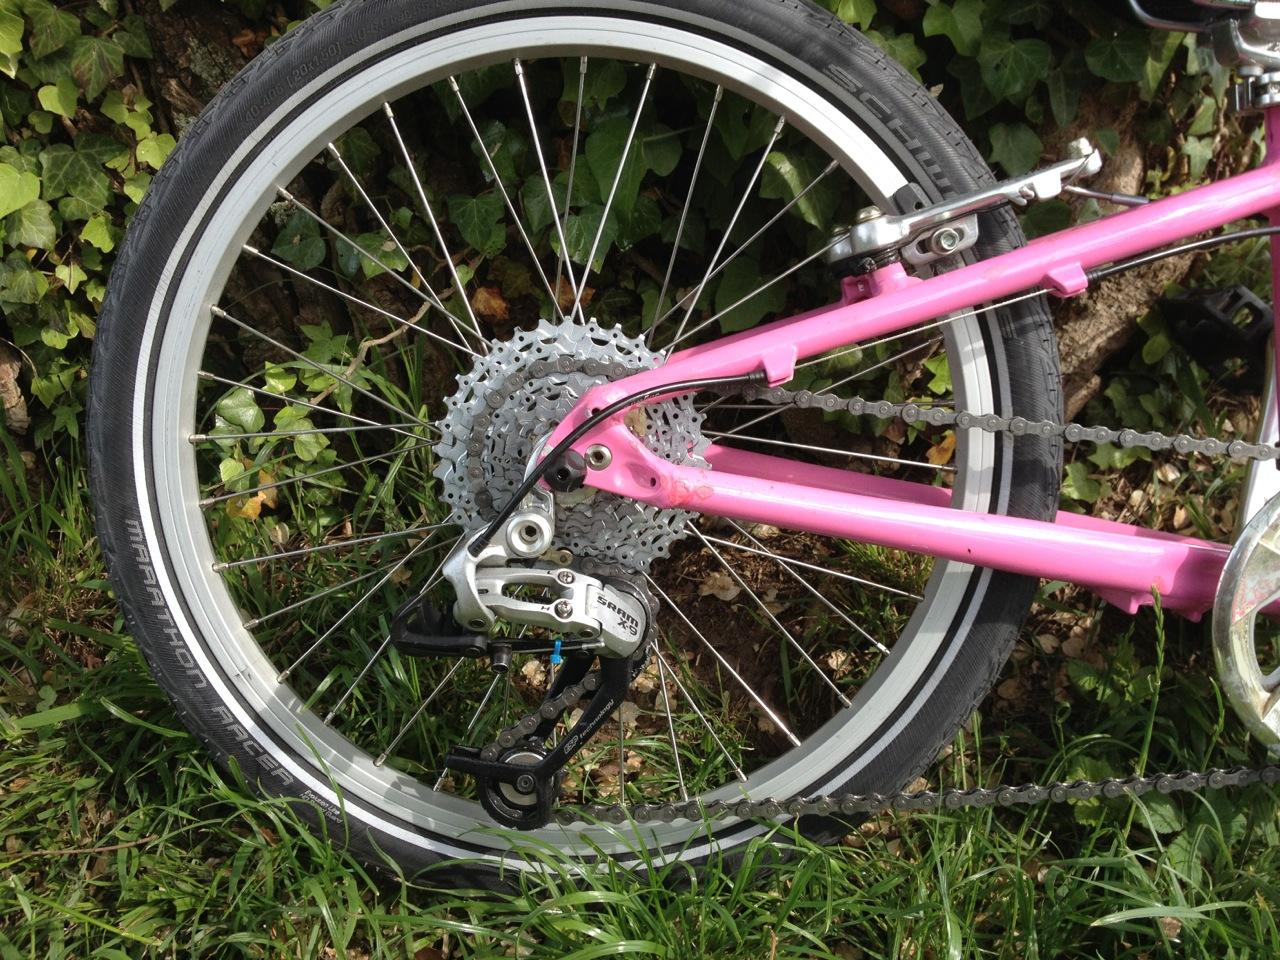 Hotrock 20 tuning pink 3